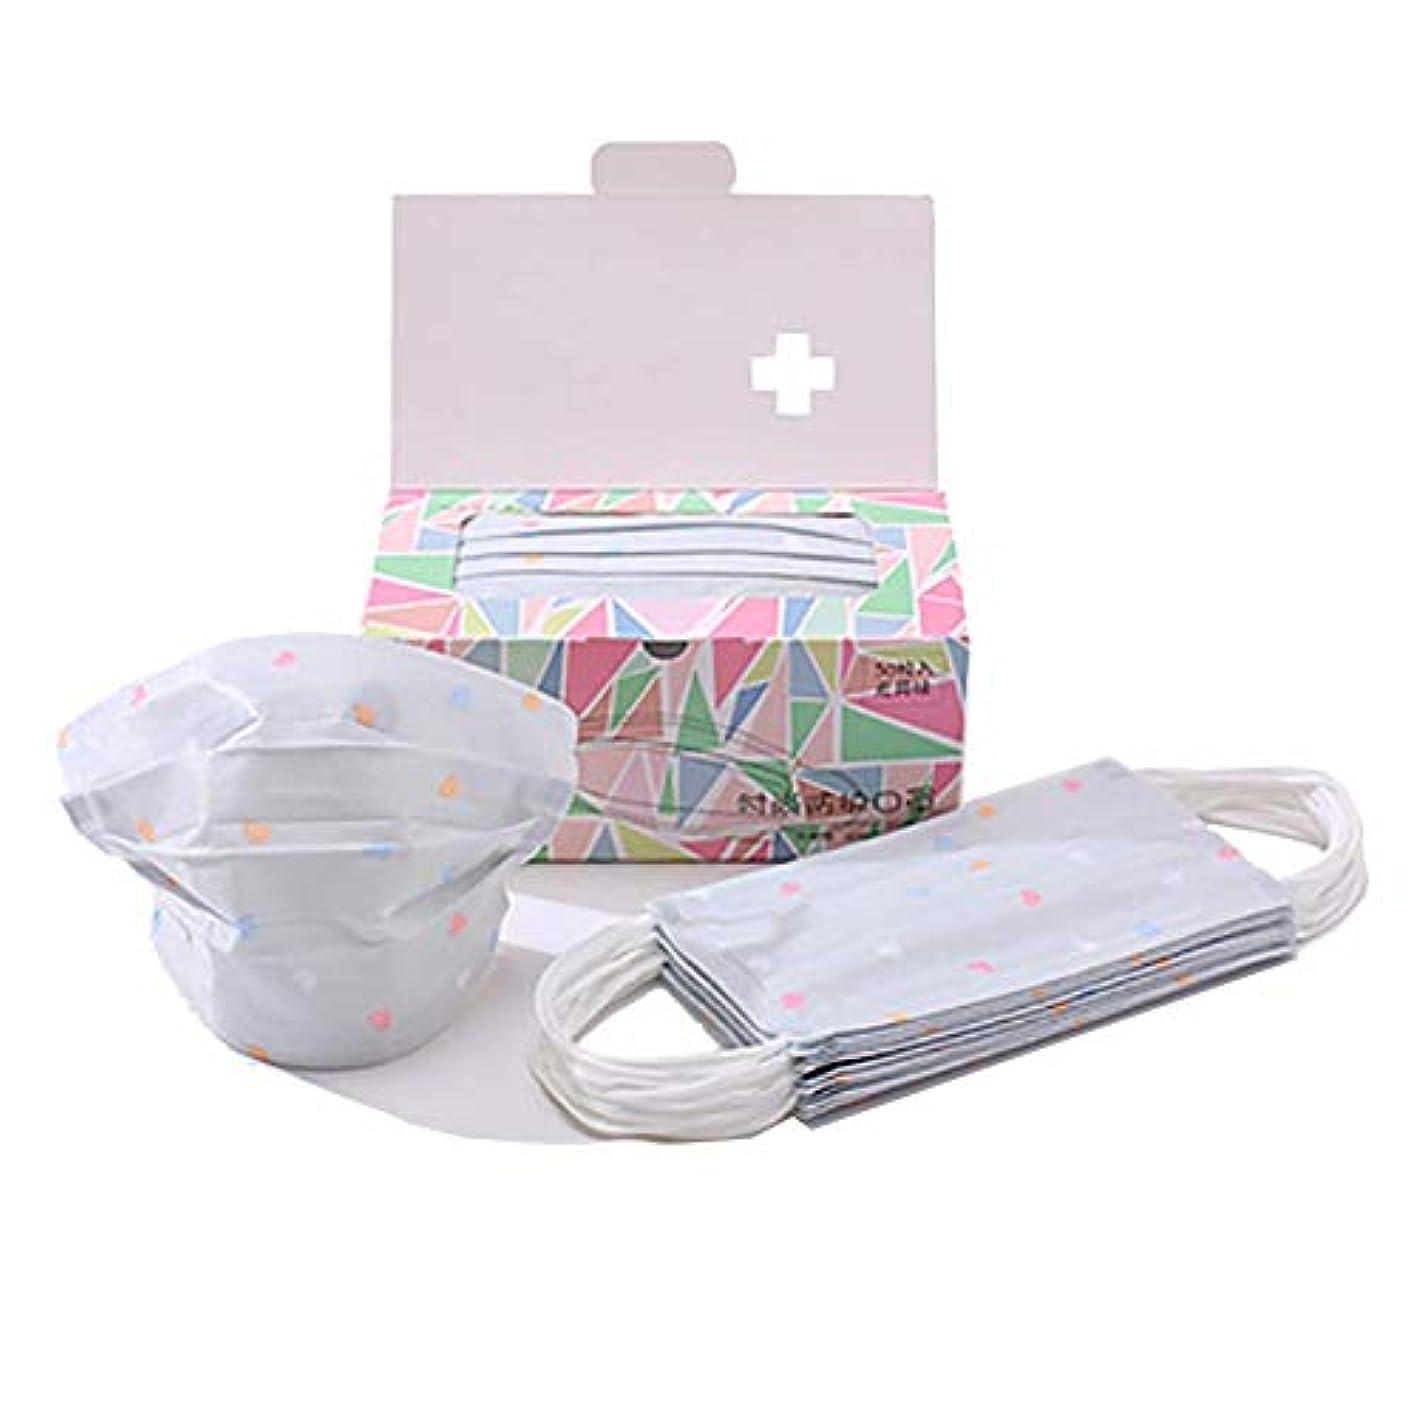 増幅回想一緒にChinashow 100個使い捨てイヤループフェイスマスク - 歯科手術用医療アレルギーインフルエンザ低刺激性、通気性 生殖防塵マスク、灰色 愛